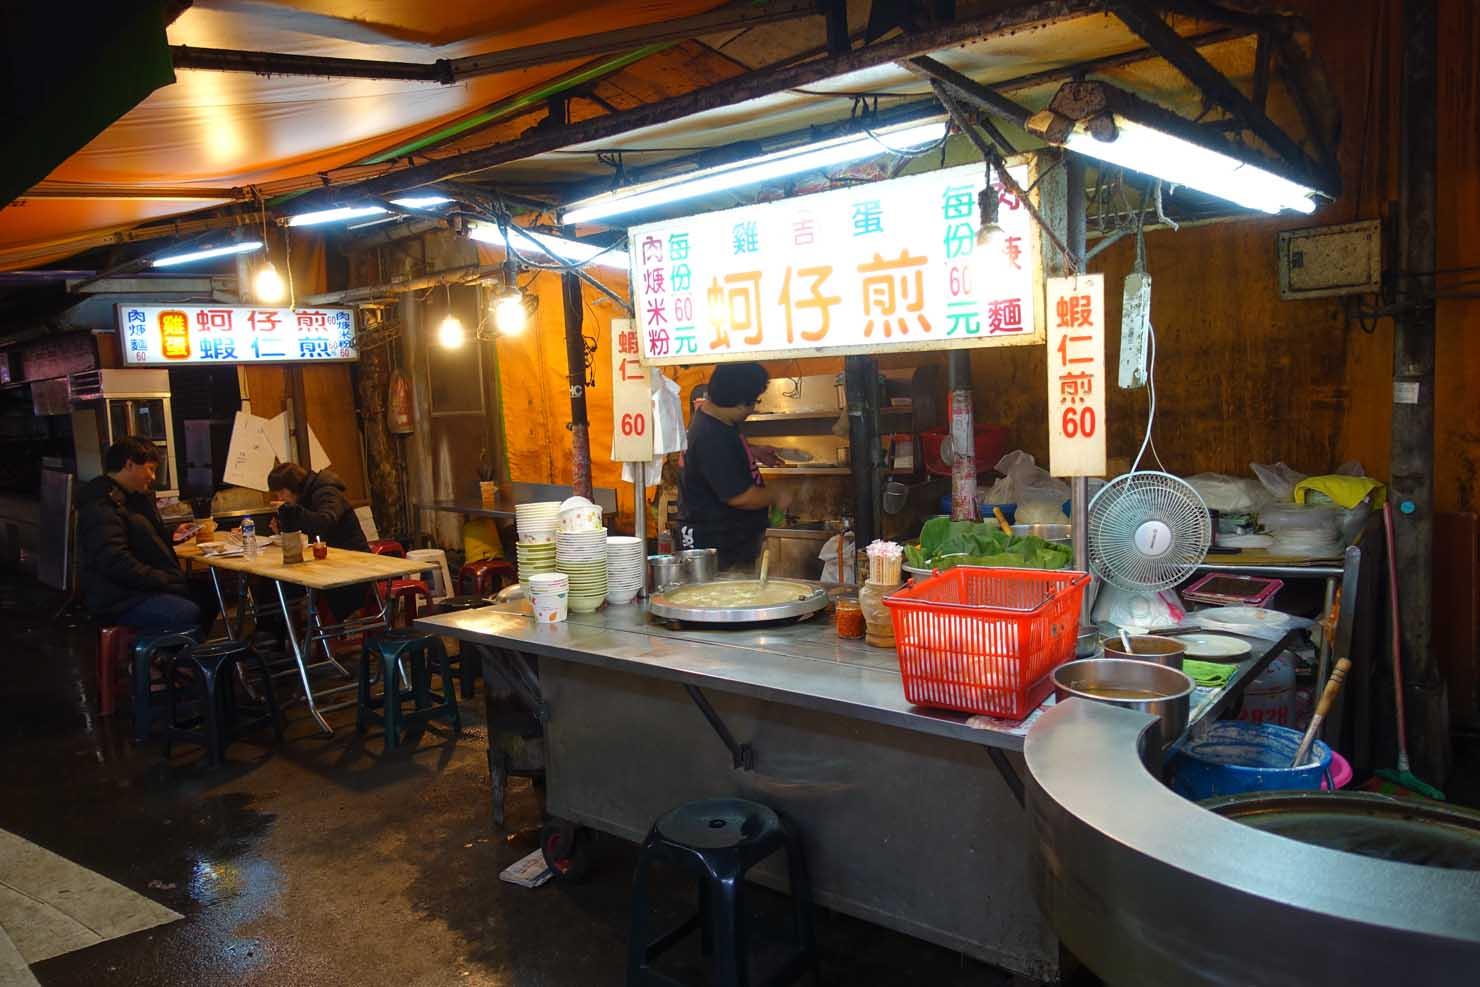 台北・臨江街夜市(通化夜市)のおすすめグルメ屋台「阿吉雞蛋蚵仔煎」の外観